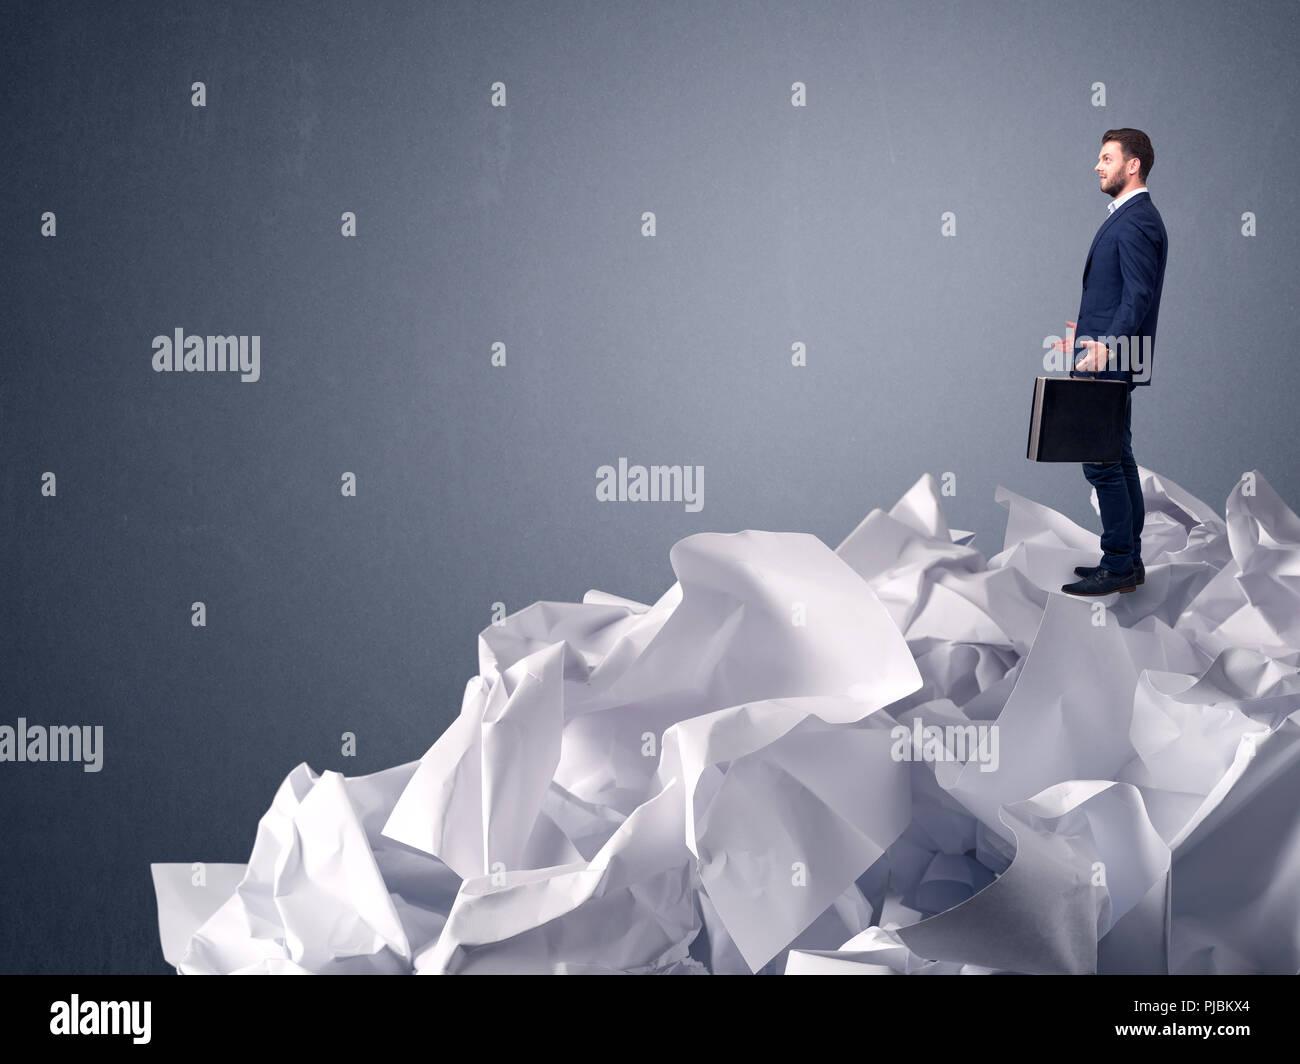 Considerato giovane imprenditore in piedi su una pila di carta sgualcita con sfondo grigio chiaro Immagini Stock